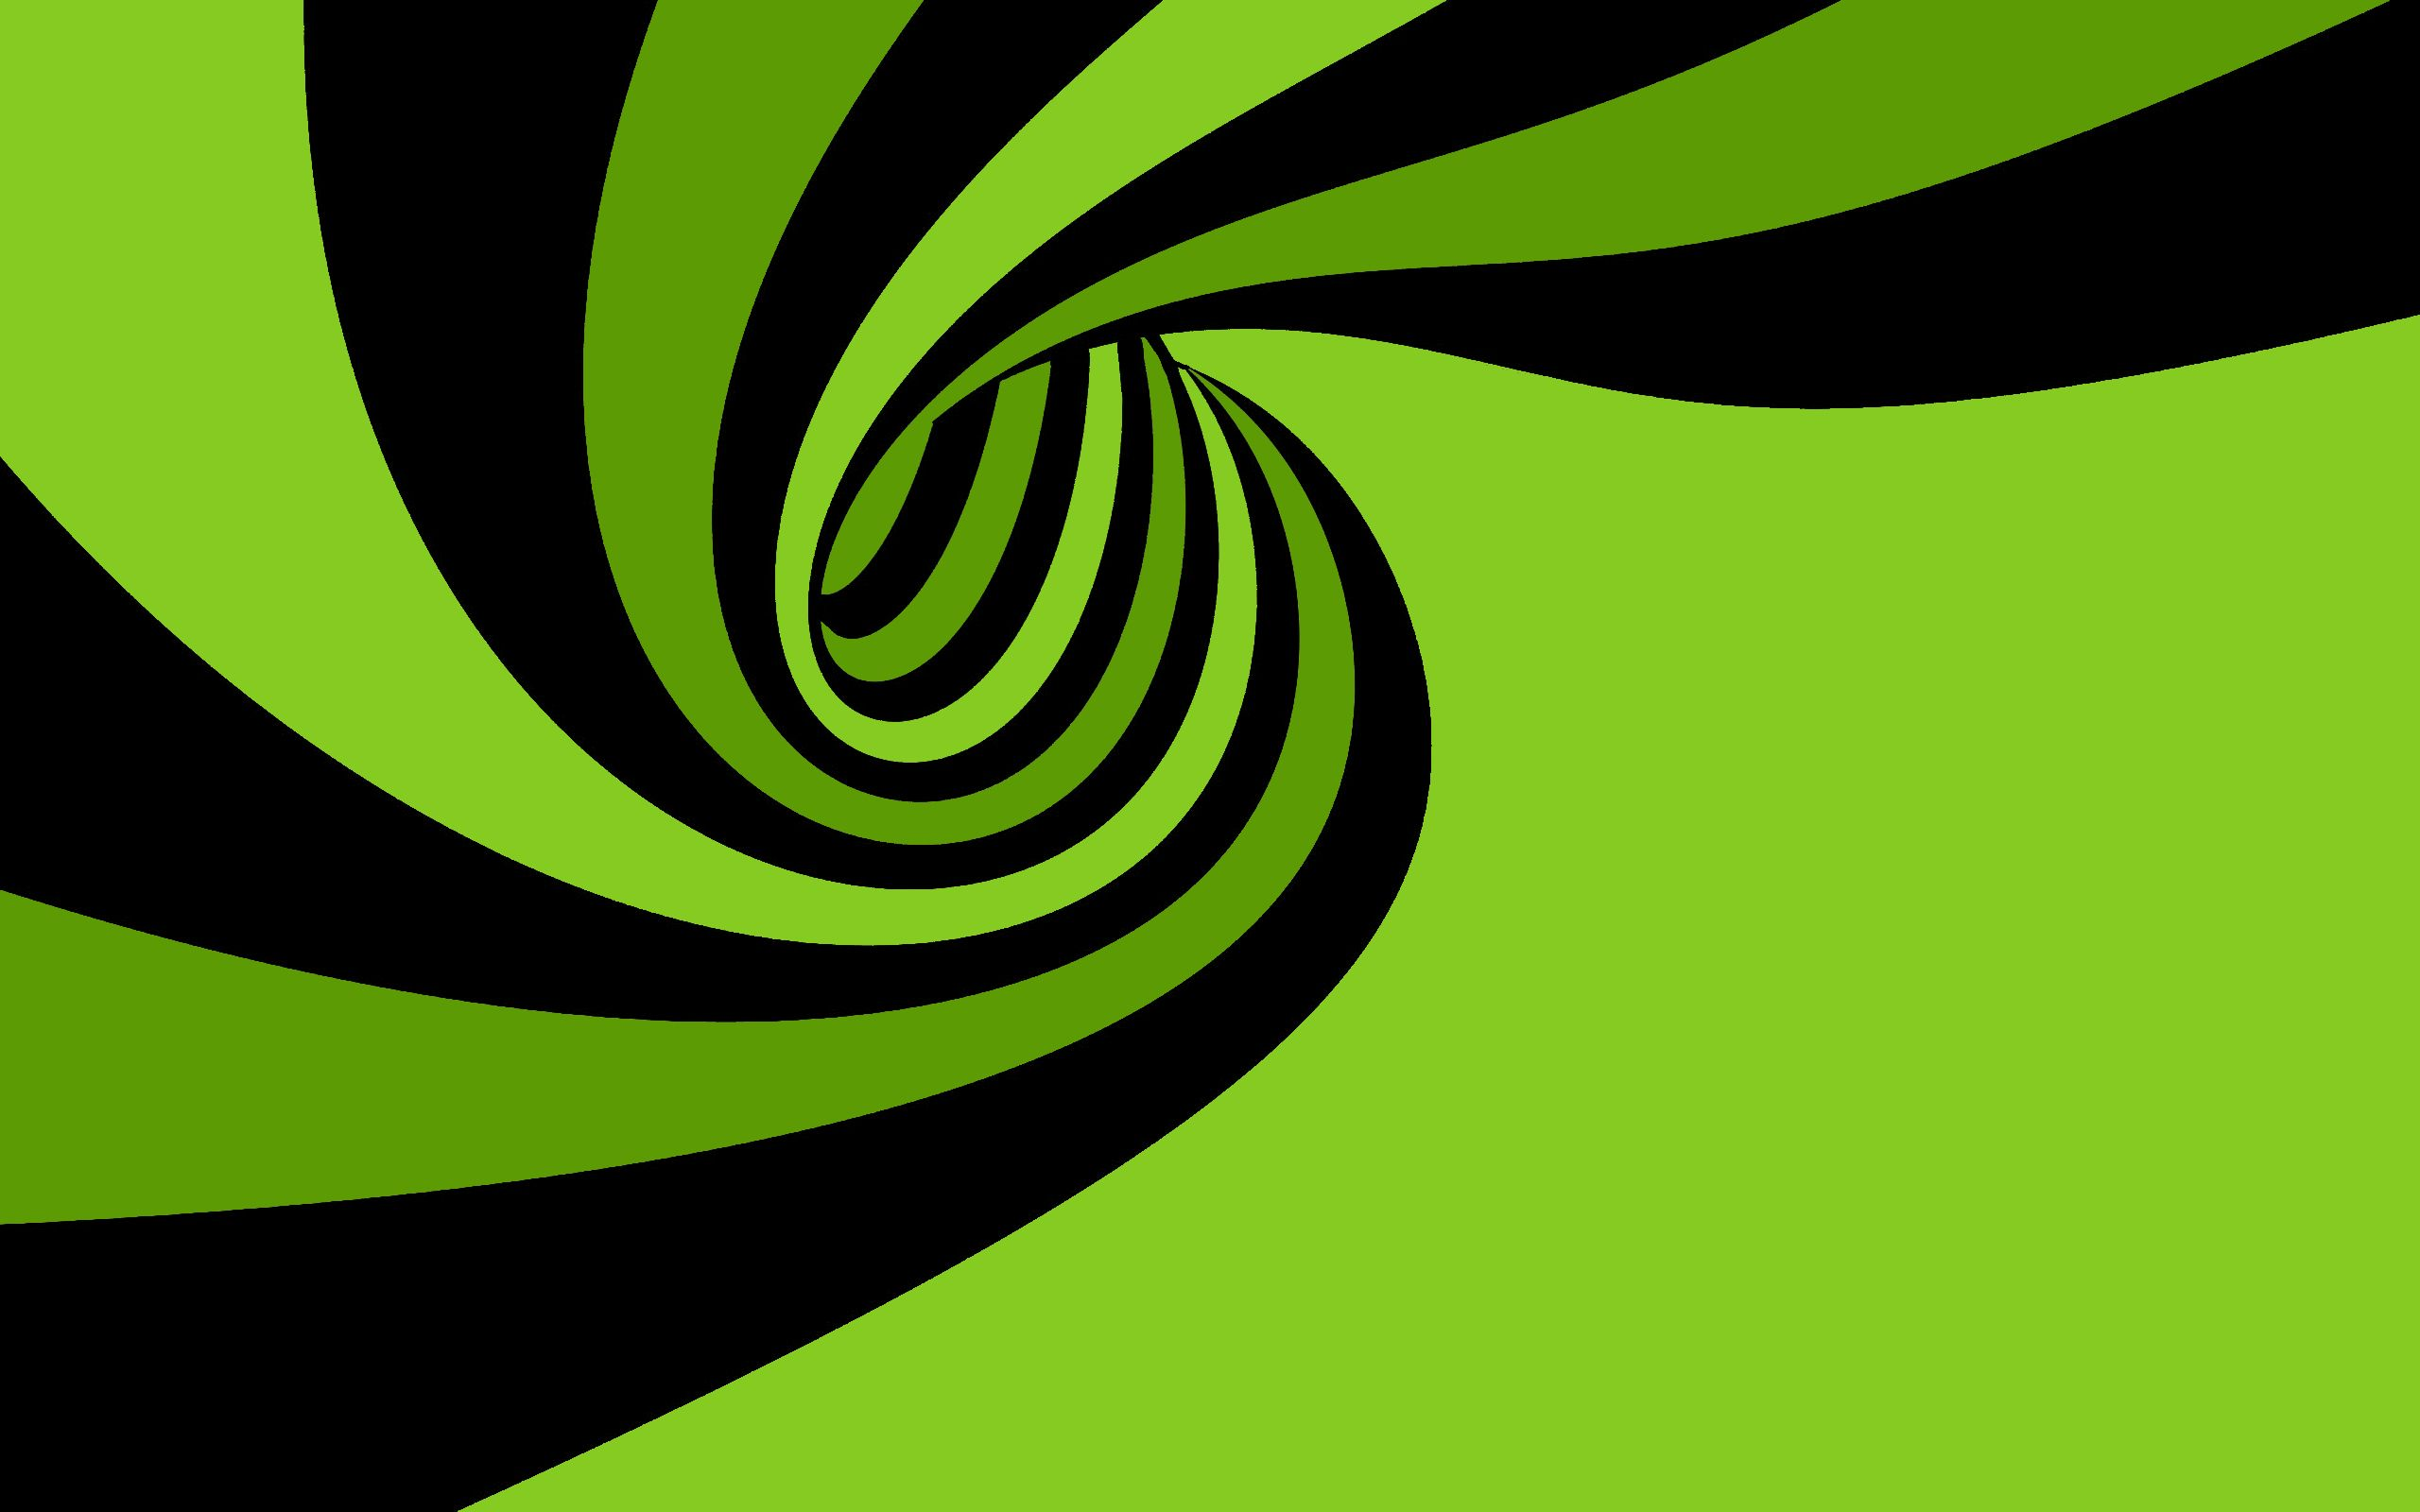 Green Spiral Wallpaper Green Wallpaper Lime Green